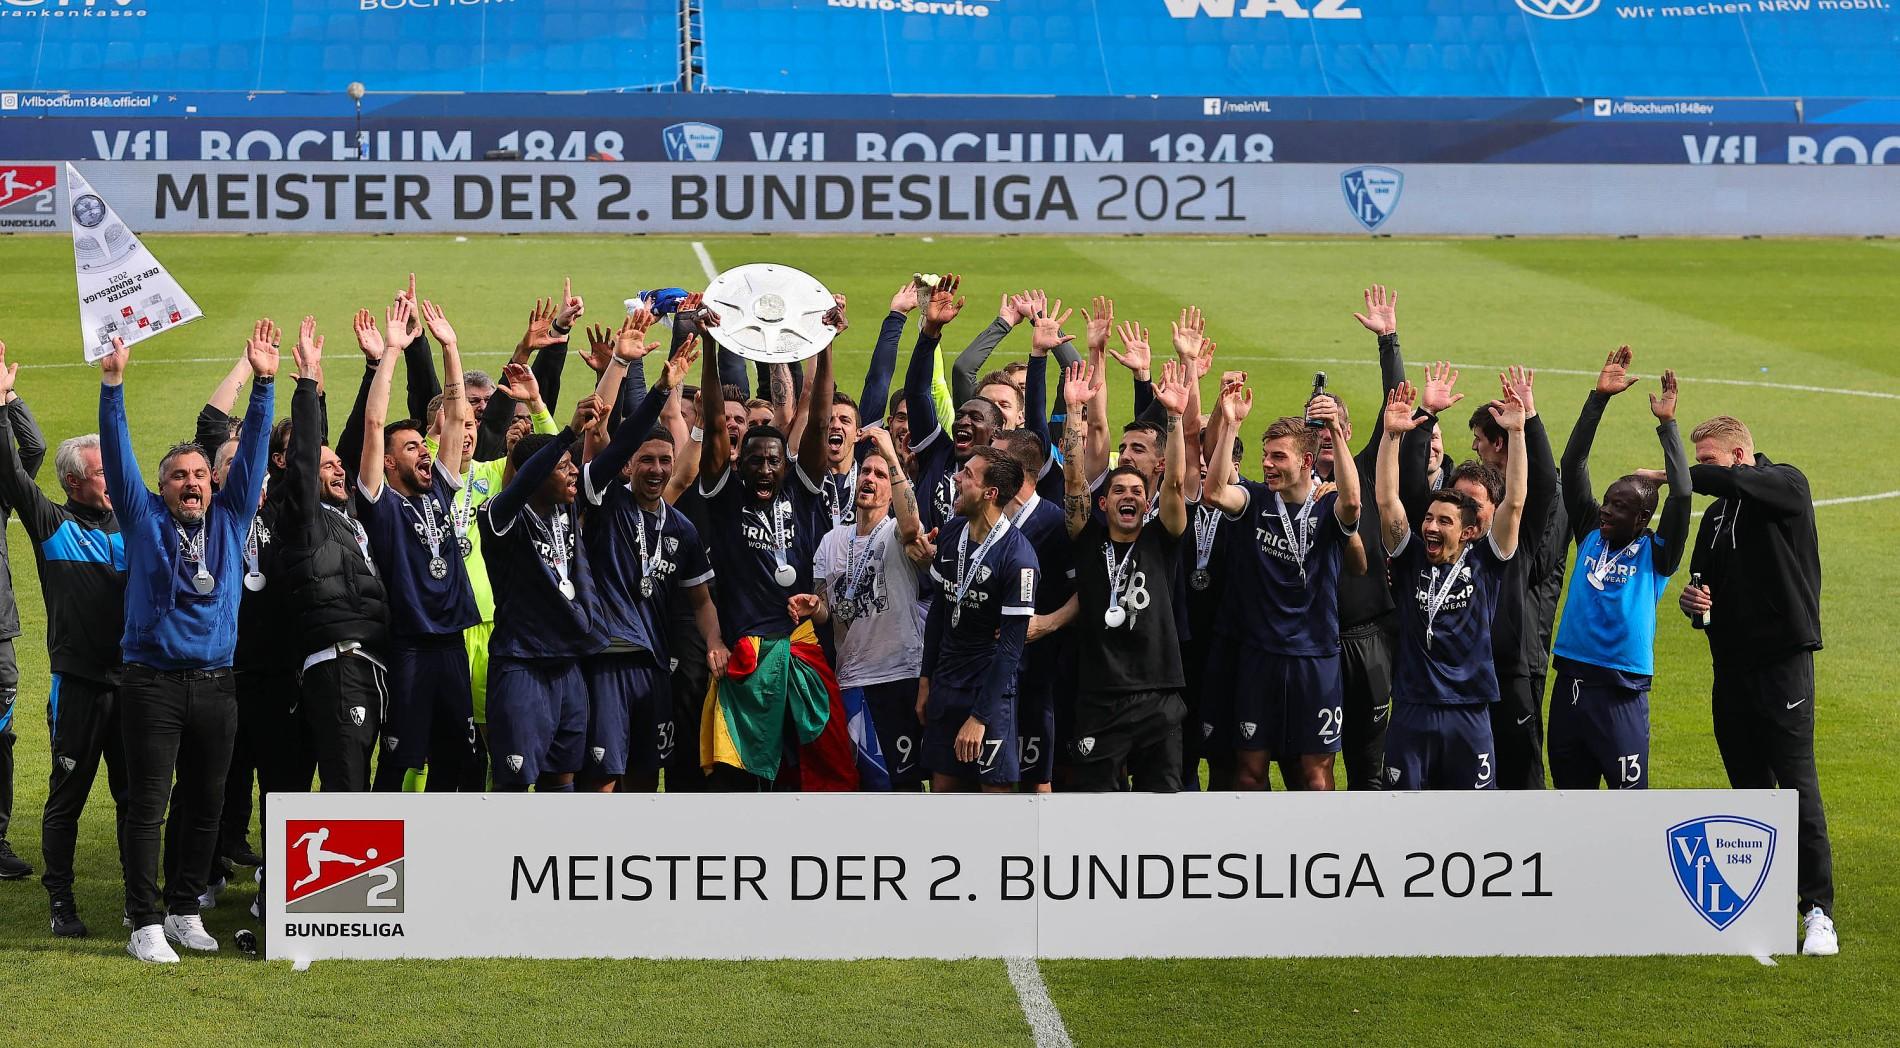 Bundesliga Aufstieg Was Den Vfl Bochum Besonders Macht